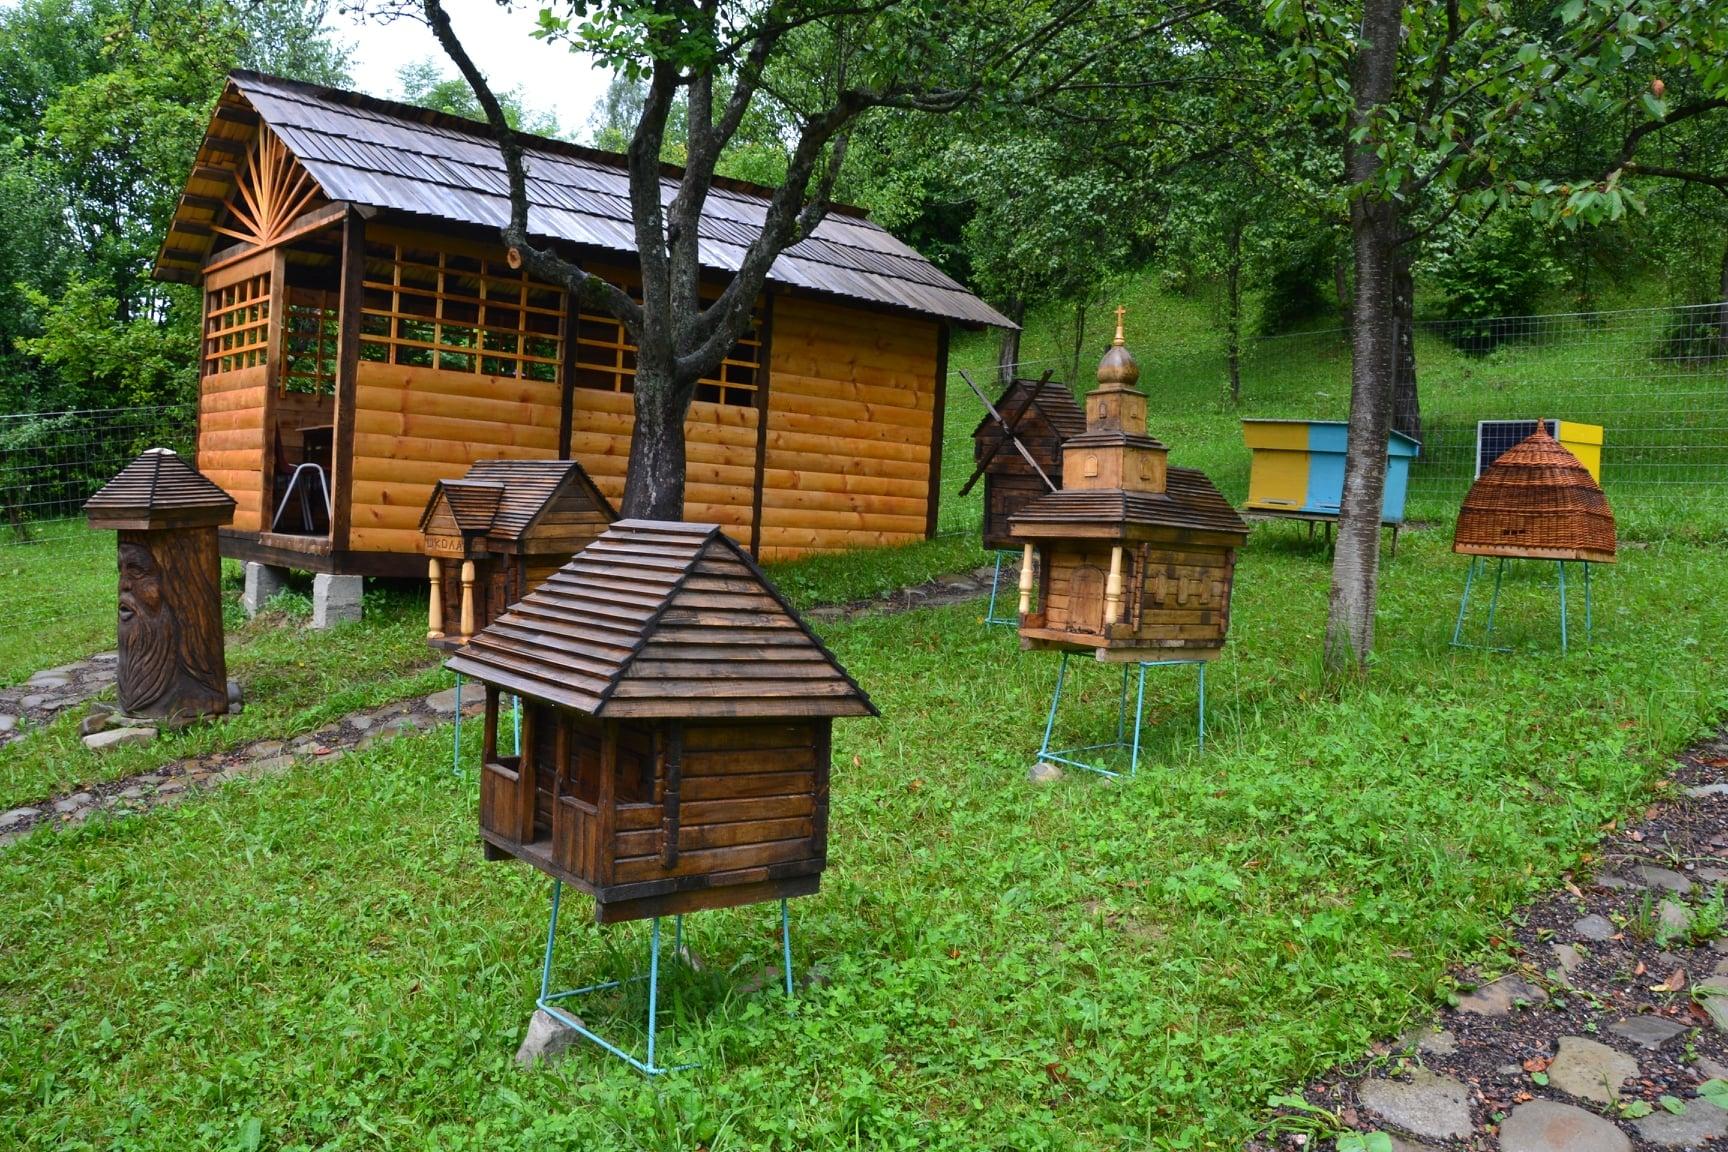 Ви коли-небудь бачили бджолину школу? Так-так, саме школу, ми не помилилися. А ще млин і церкву? Все це чекає на Вас у Колочаві на Закарпатті.